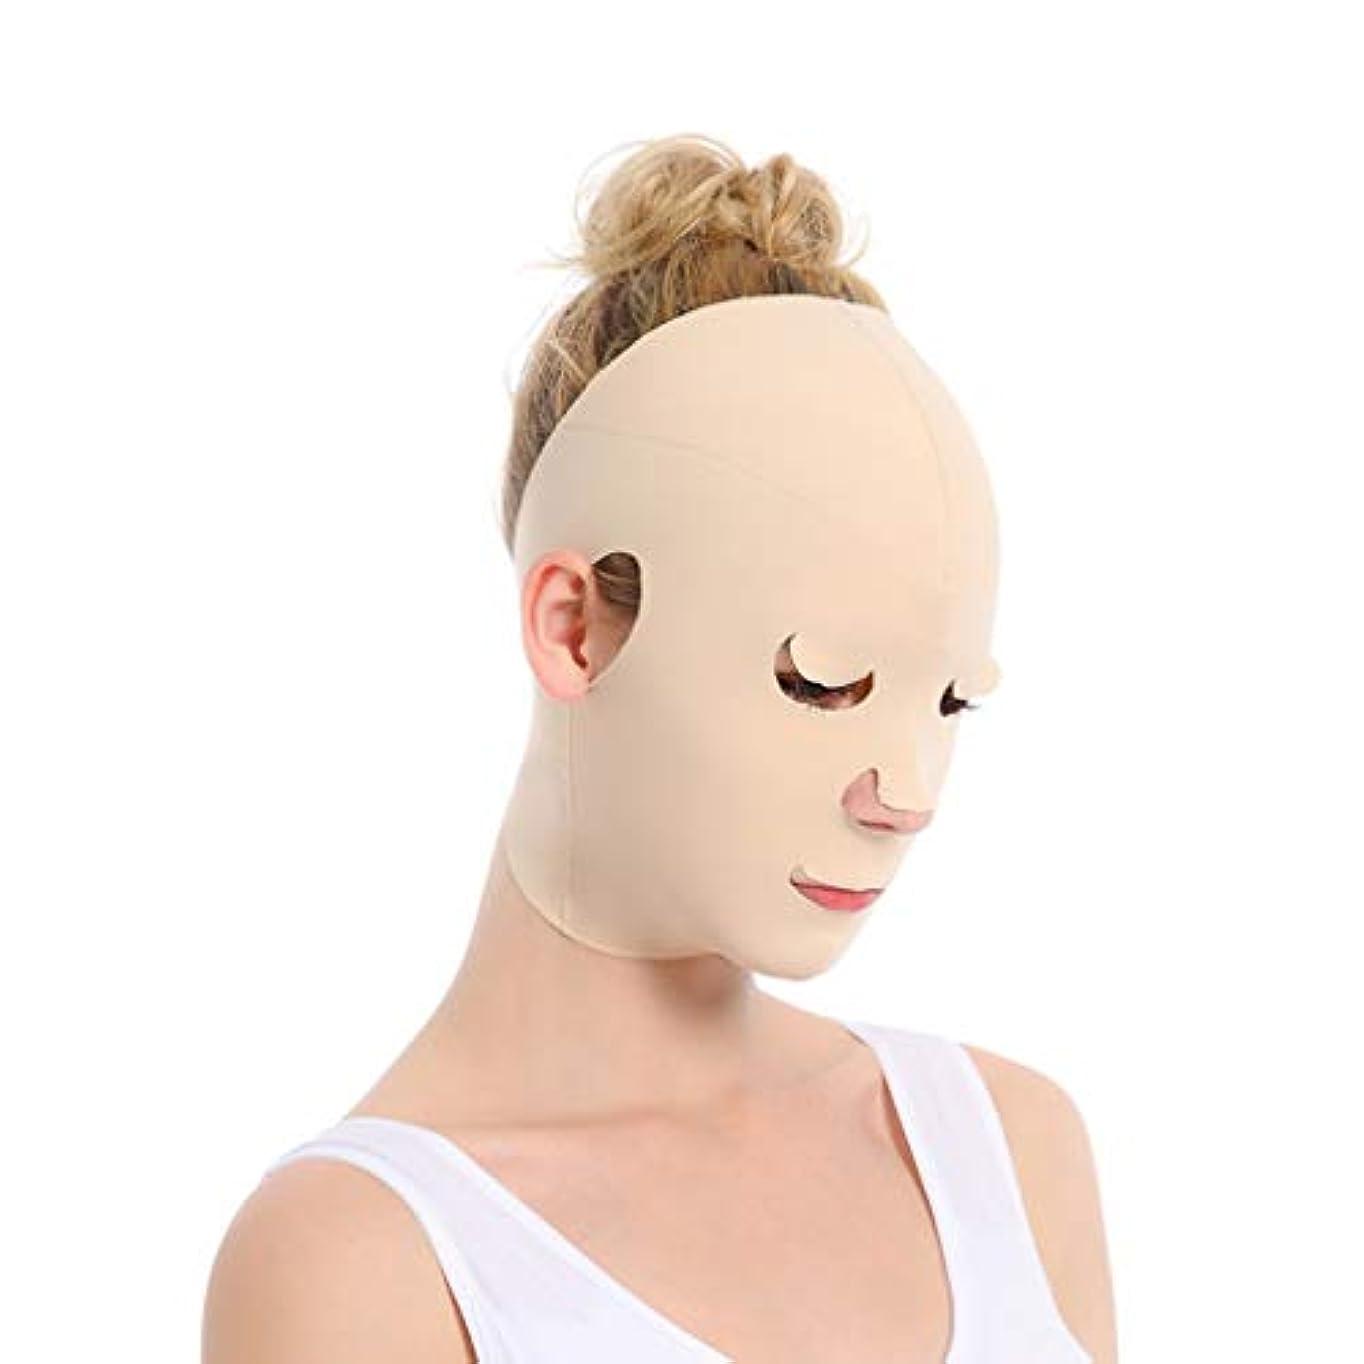 ツーリストピルファー導出フェイスファーミングマスク、フェイスリフト、しわ防止フェイシャル減量ベルト、二重あご減量包帯